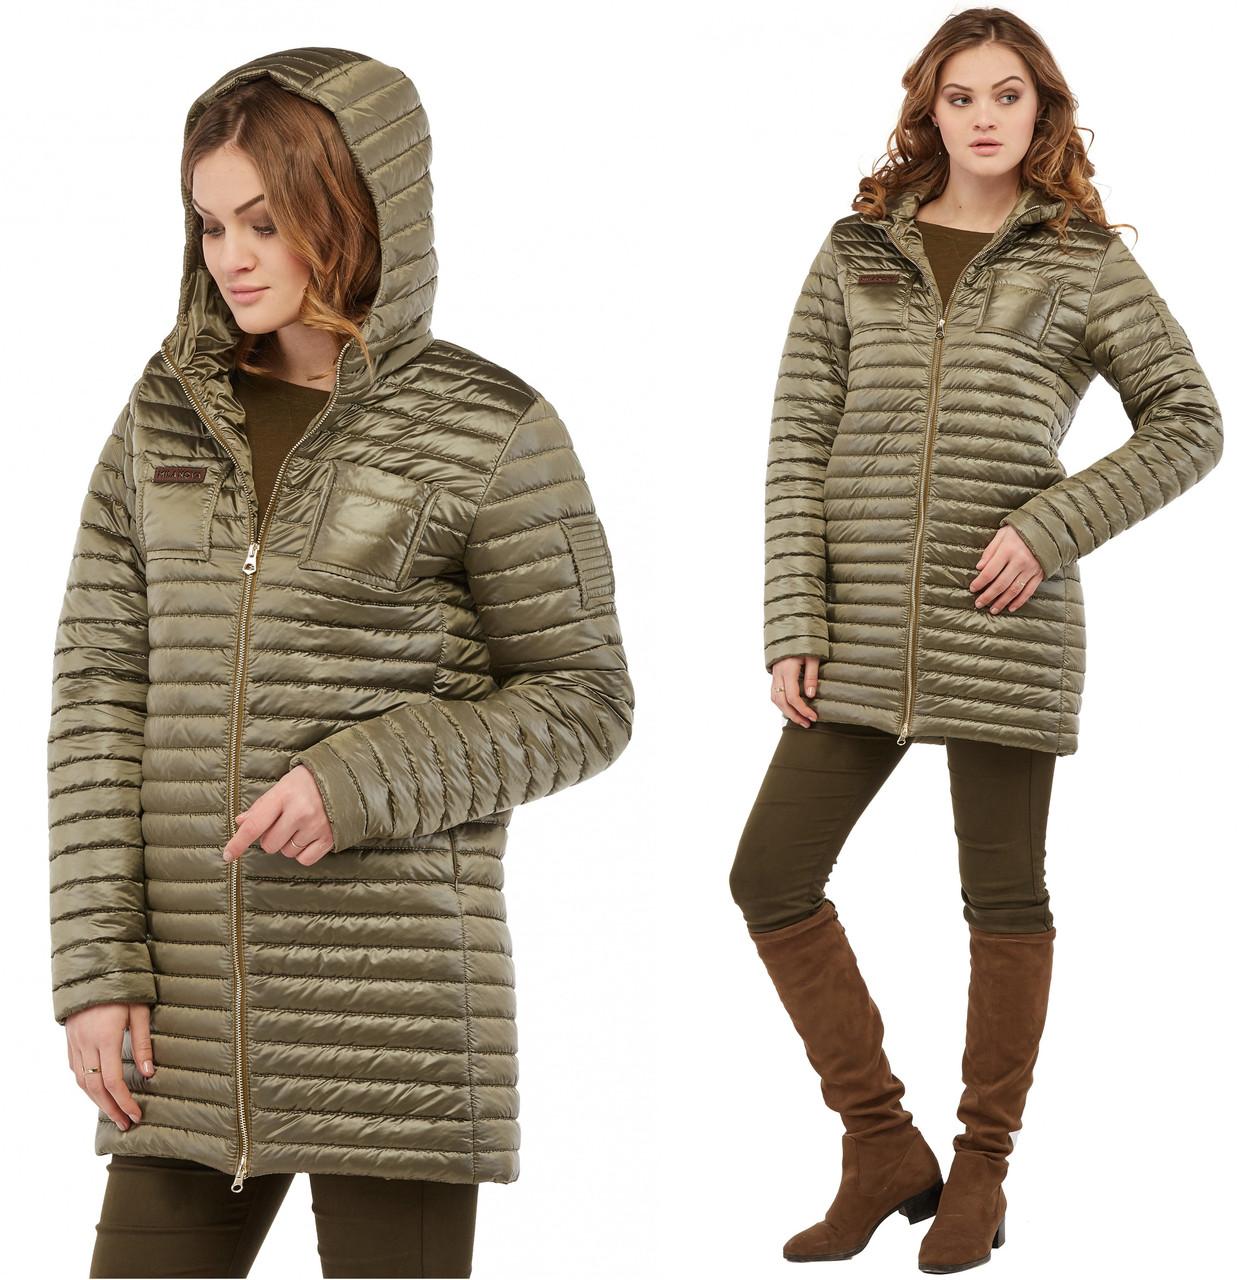 Ветровка женская осенняя куртка демисезонная, плащевка стежка